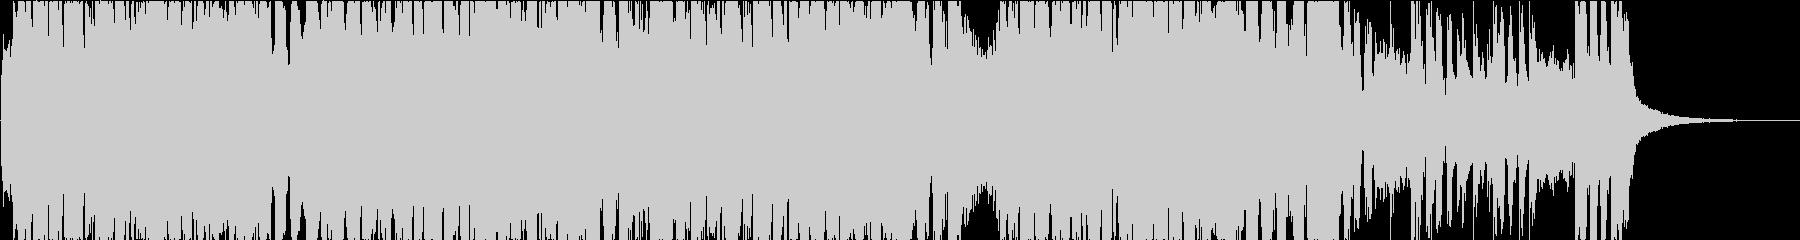 ヘヴィで格好良いロックインスト(短縮版)の未再生の波形